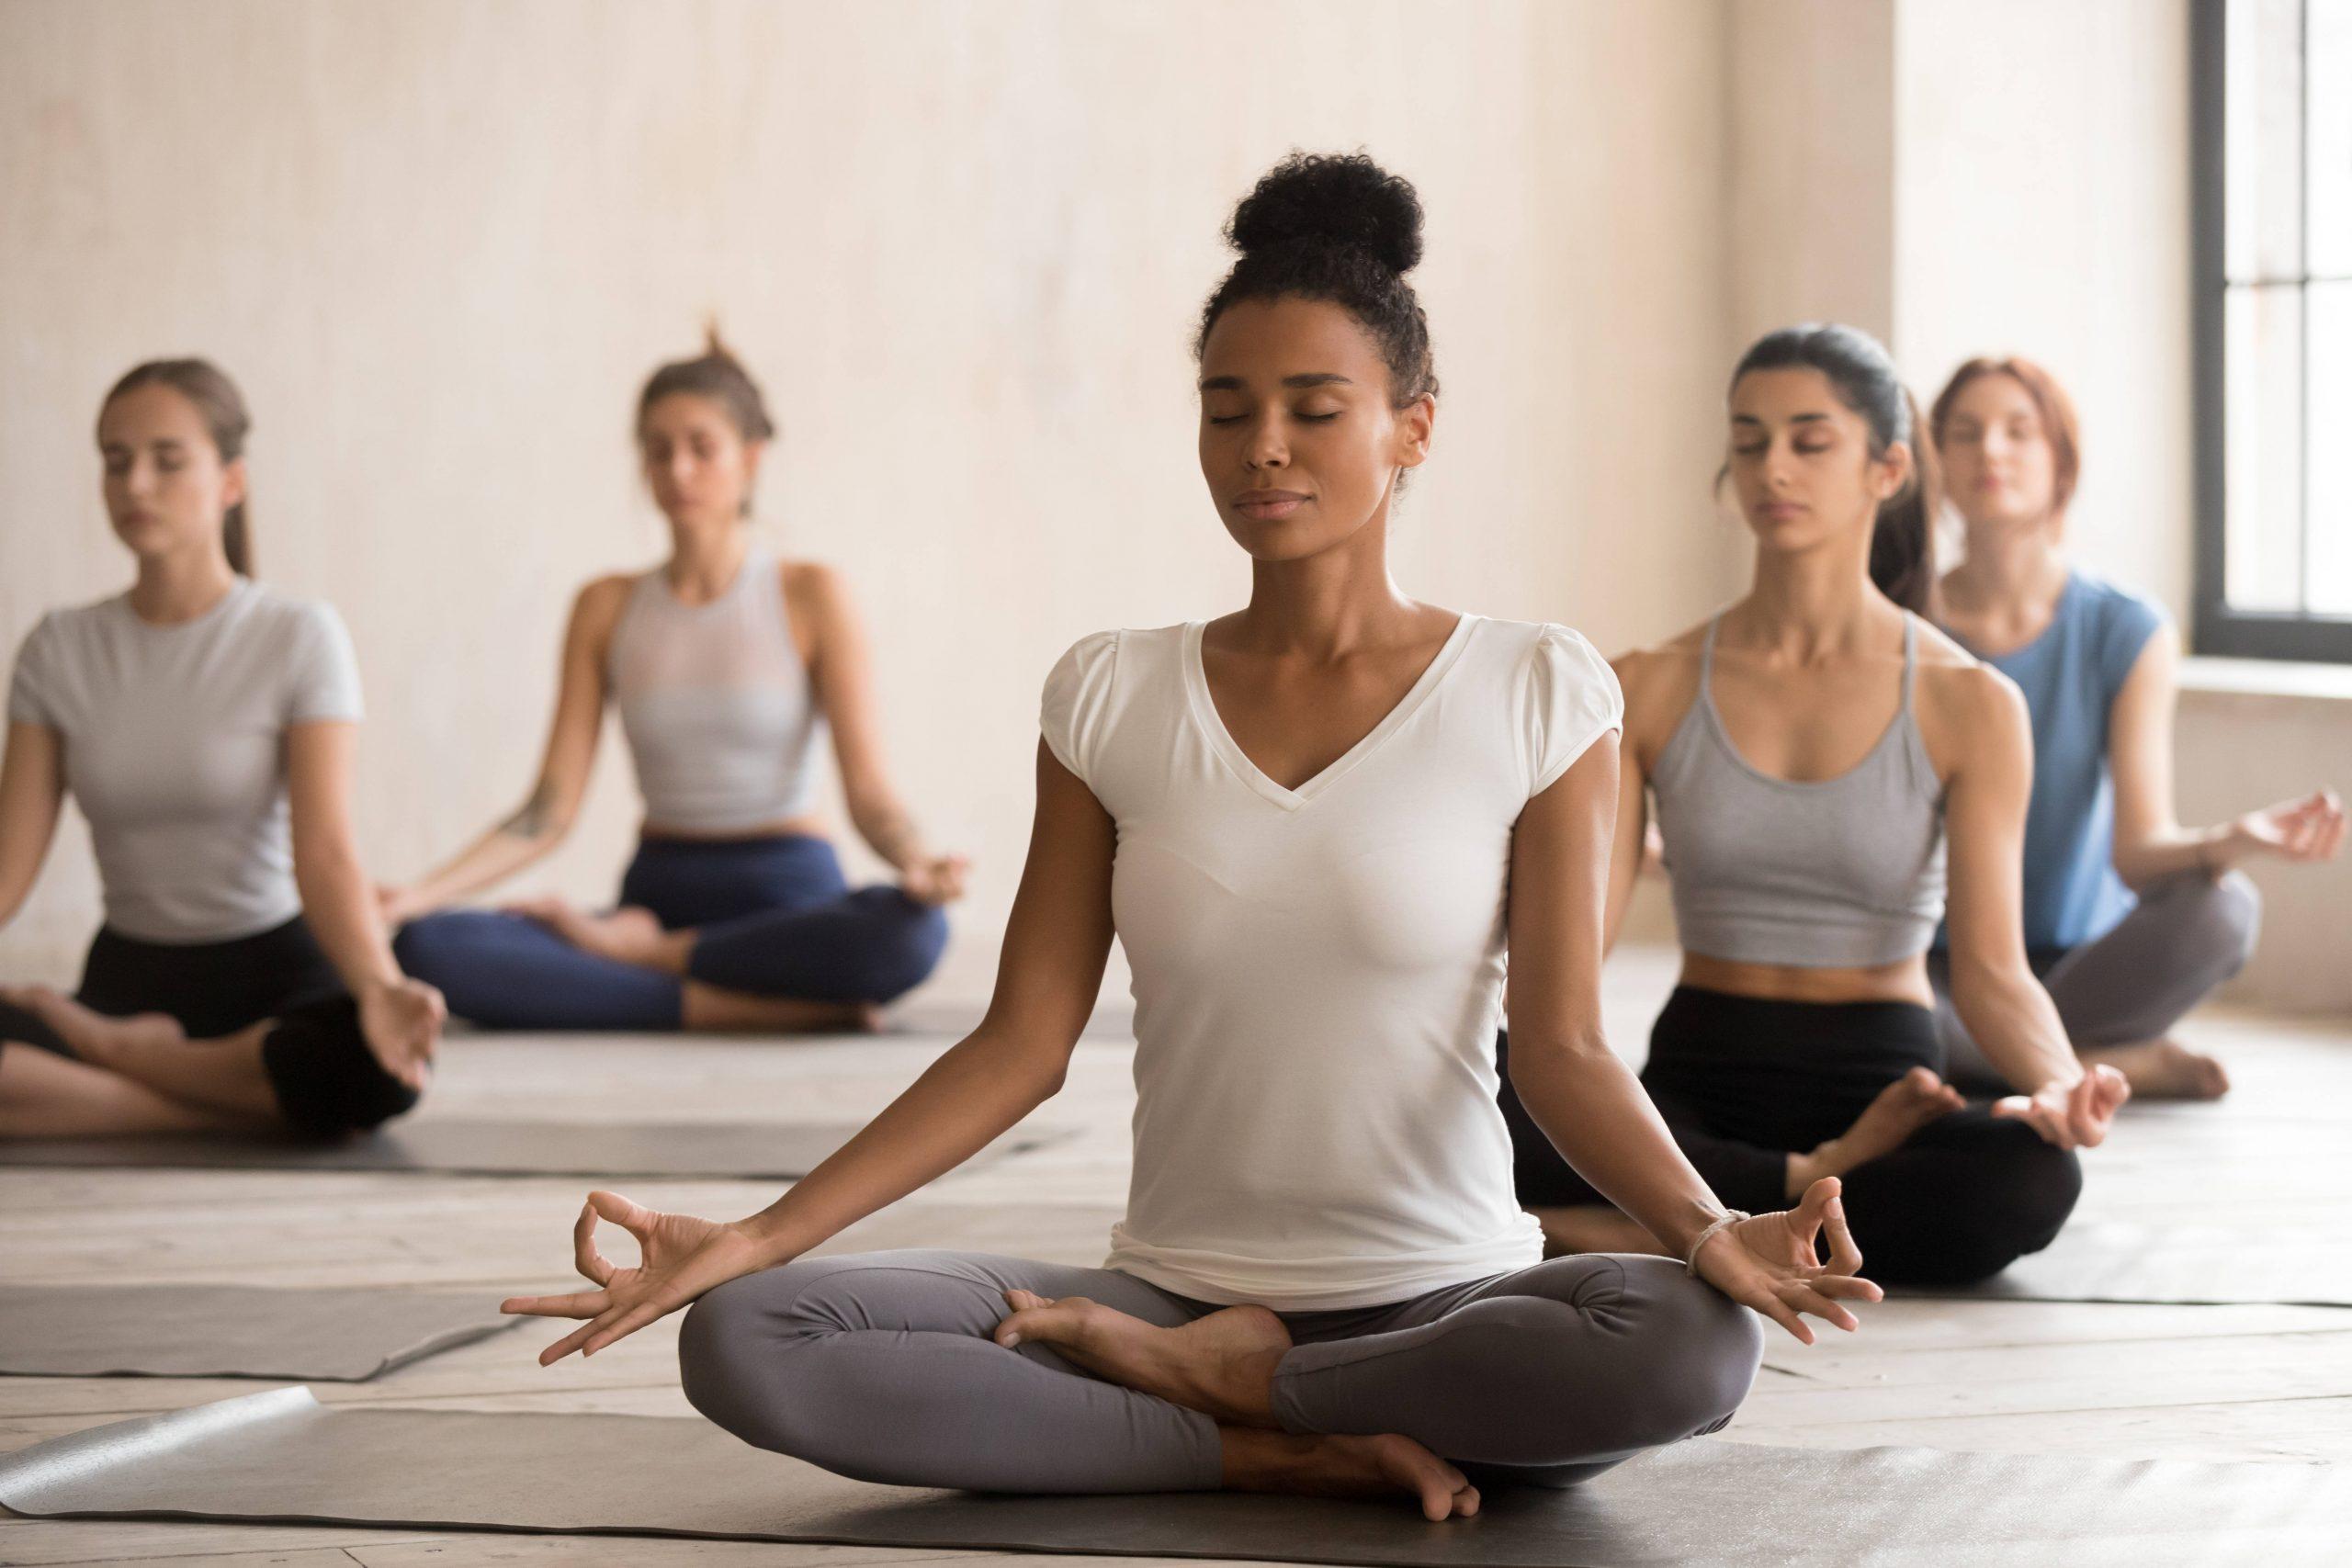 El wellness, la última moda en salud que llevamos buscando toda la vida